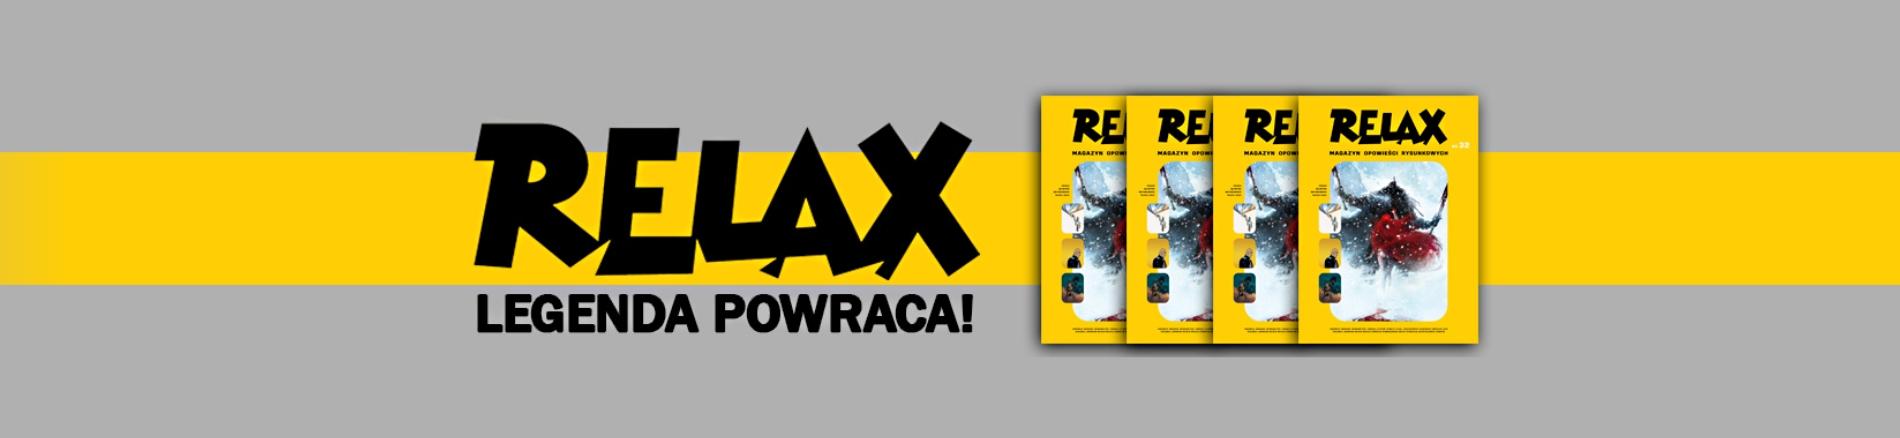 Relax - magazyn komiksowy powraca 2020